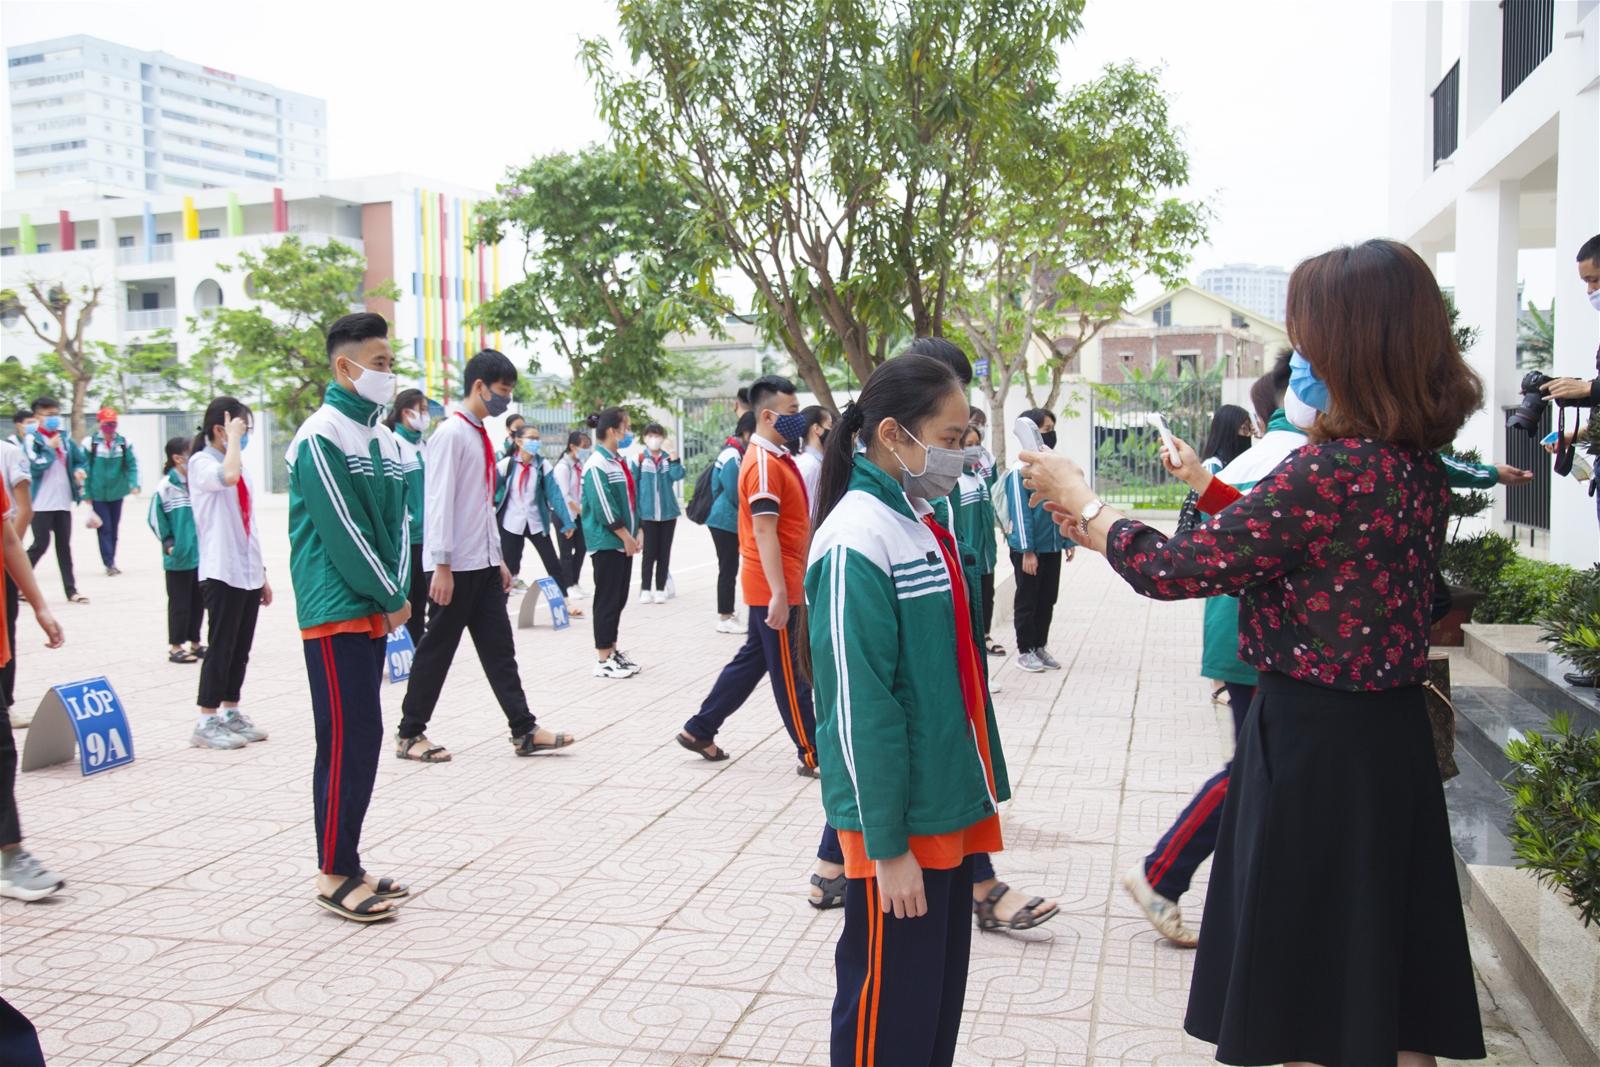 Học sinh Trường THCS Hưng Bình (TP Vinh, Nghệ An) đo thân nhiệt trước khi vào lớp. Ảnh: giaoducthoidai.vn